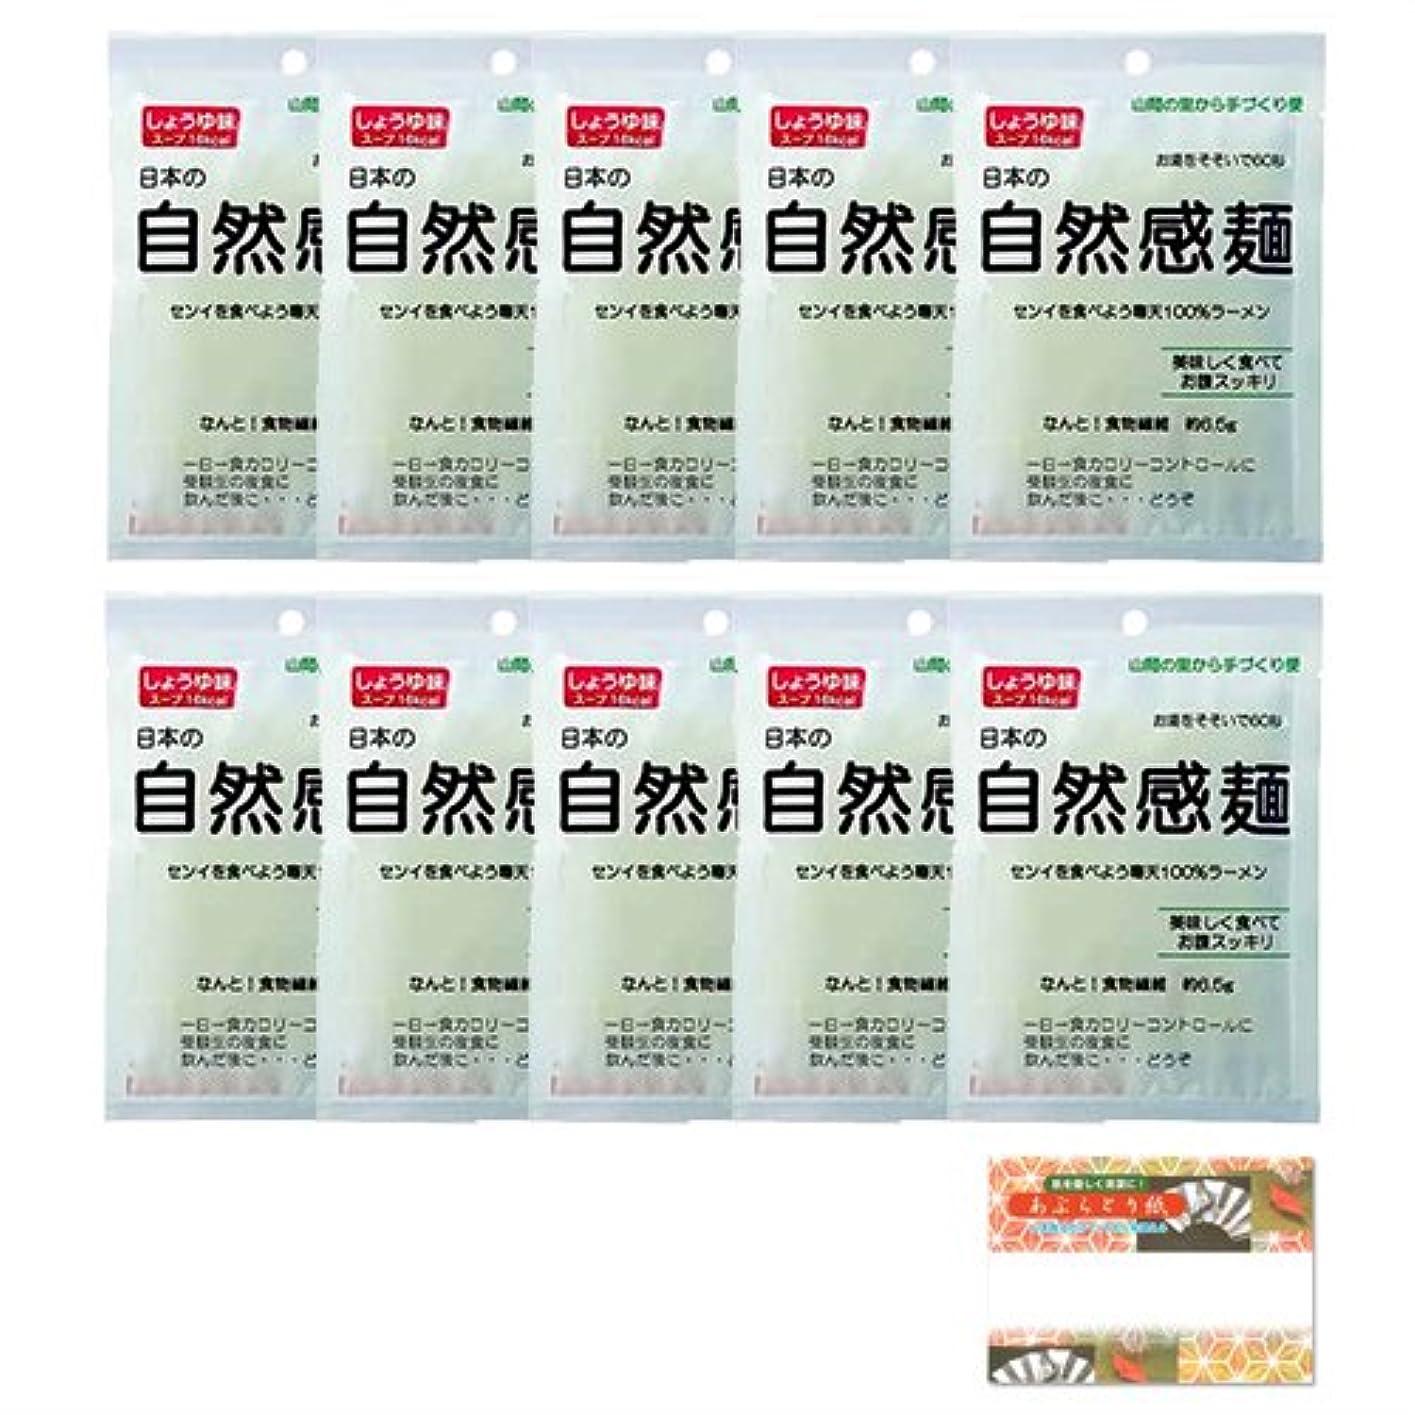 符号倉庫食品寒天ダイエットラーメン 自然感麺10食(しょうゆ味10袋)セット + あぶらとり紙セット